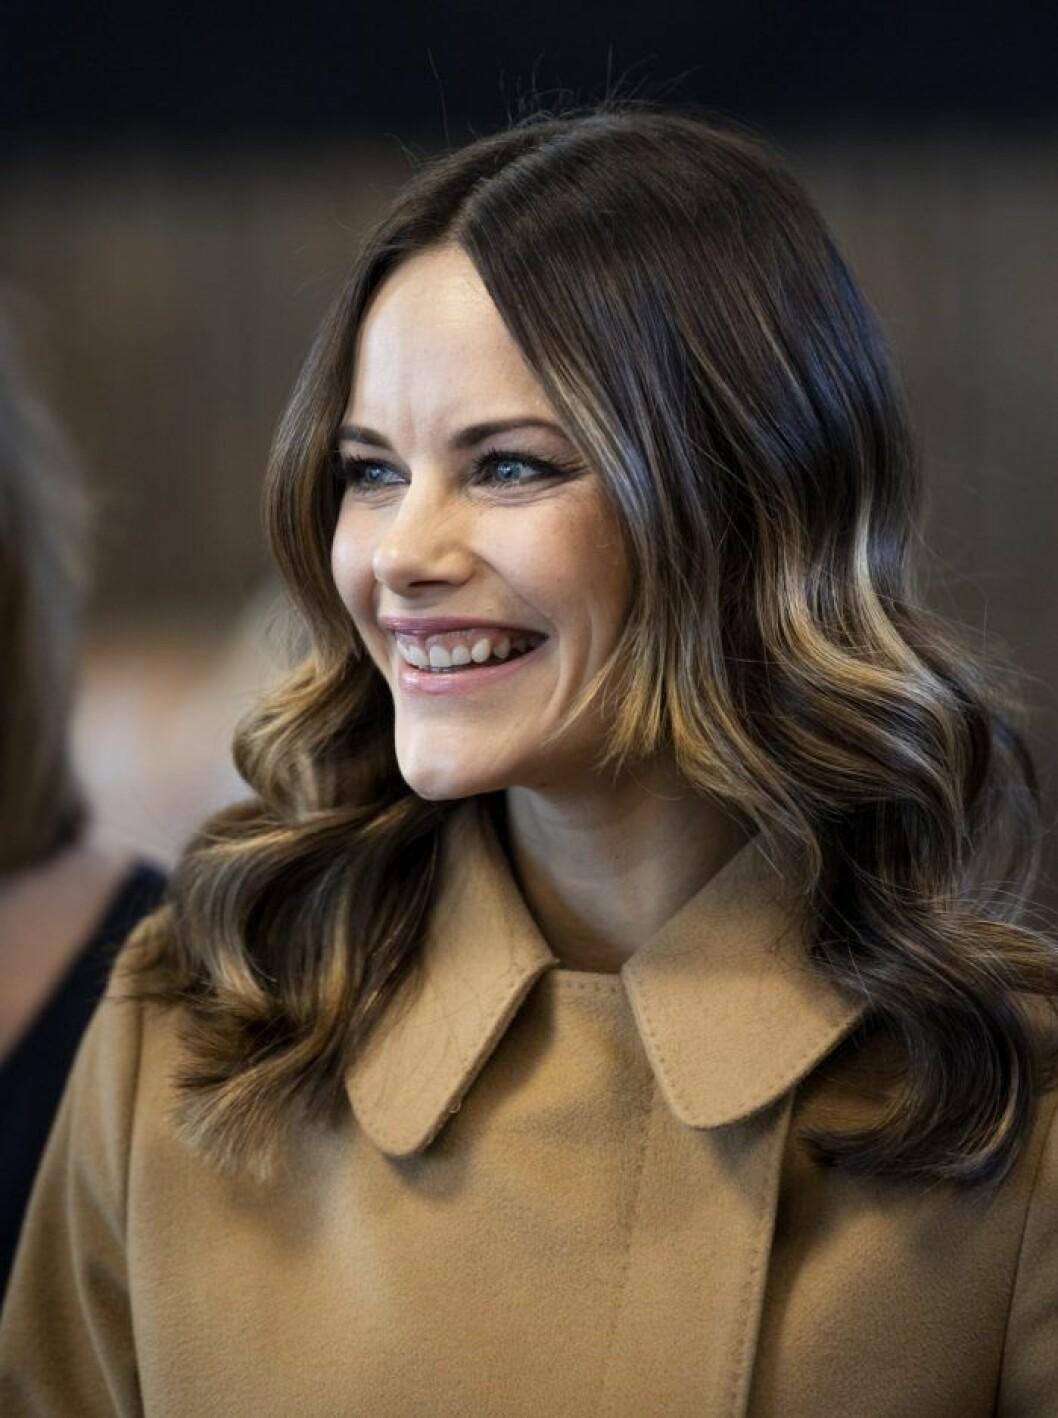 I november var prinsessan Sofia glad på ett besök på Älvdalsskolan i Älvdalen